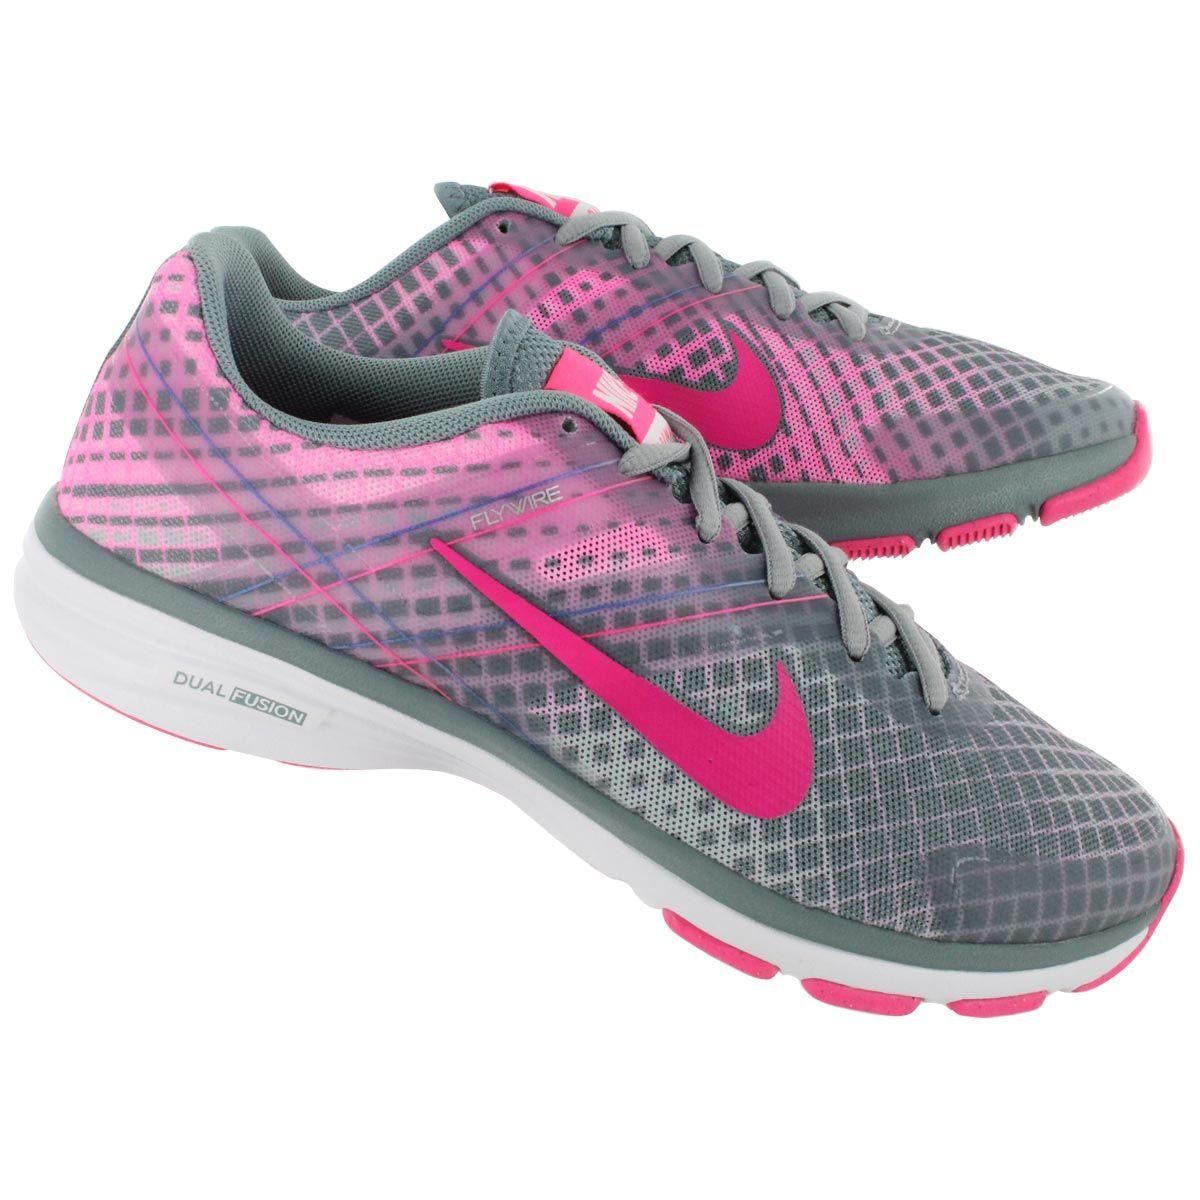 Harga Jual Sepatu Nike Airmax 80000 Runing Air Max Basket Infuriate Low Red Original 852457 600 Fitness Wanita Dual Fusion Training Adalah Dengan Mesh Lembut Bergaya Atletik